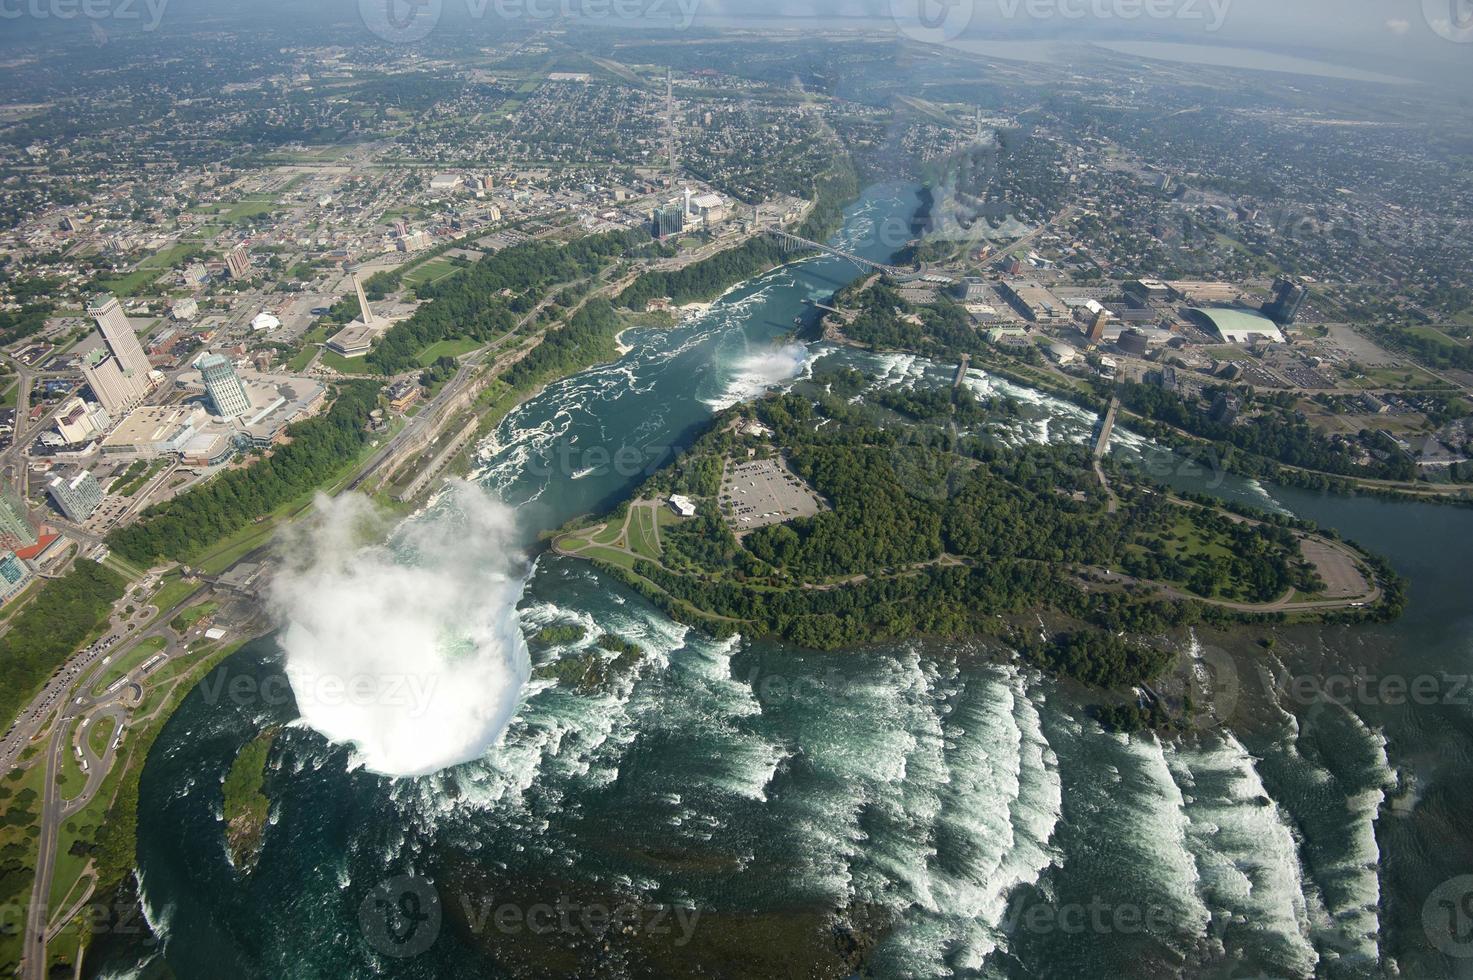 Région des chutes du Niagara vue de l'hélicoptère photo